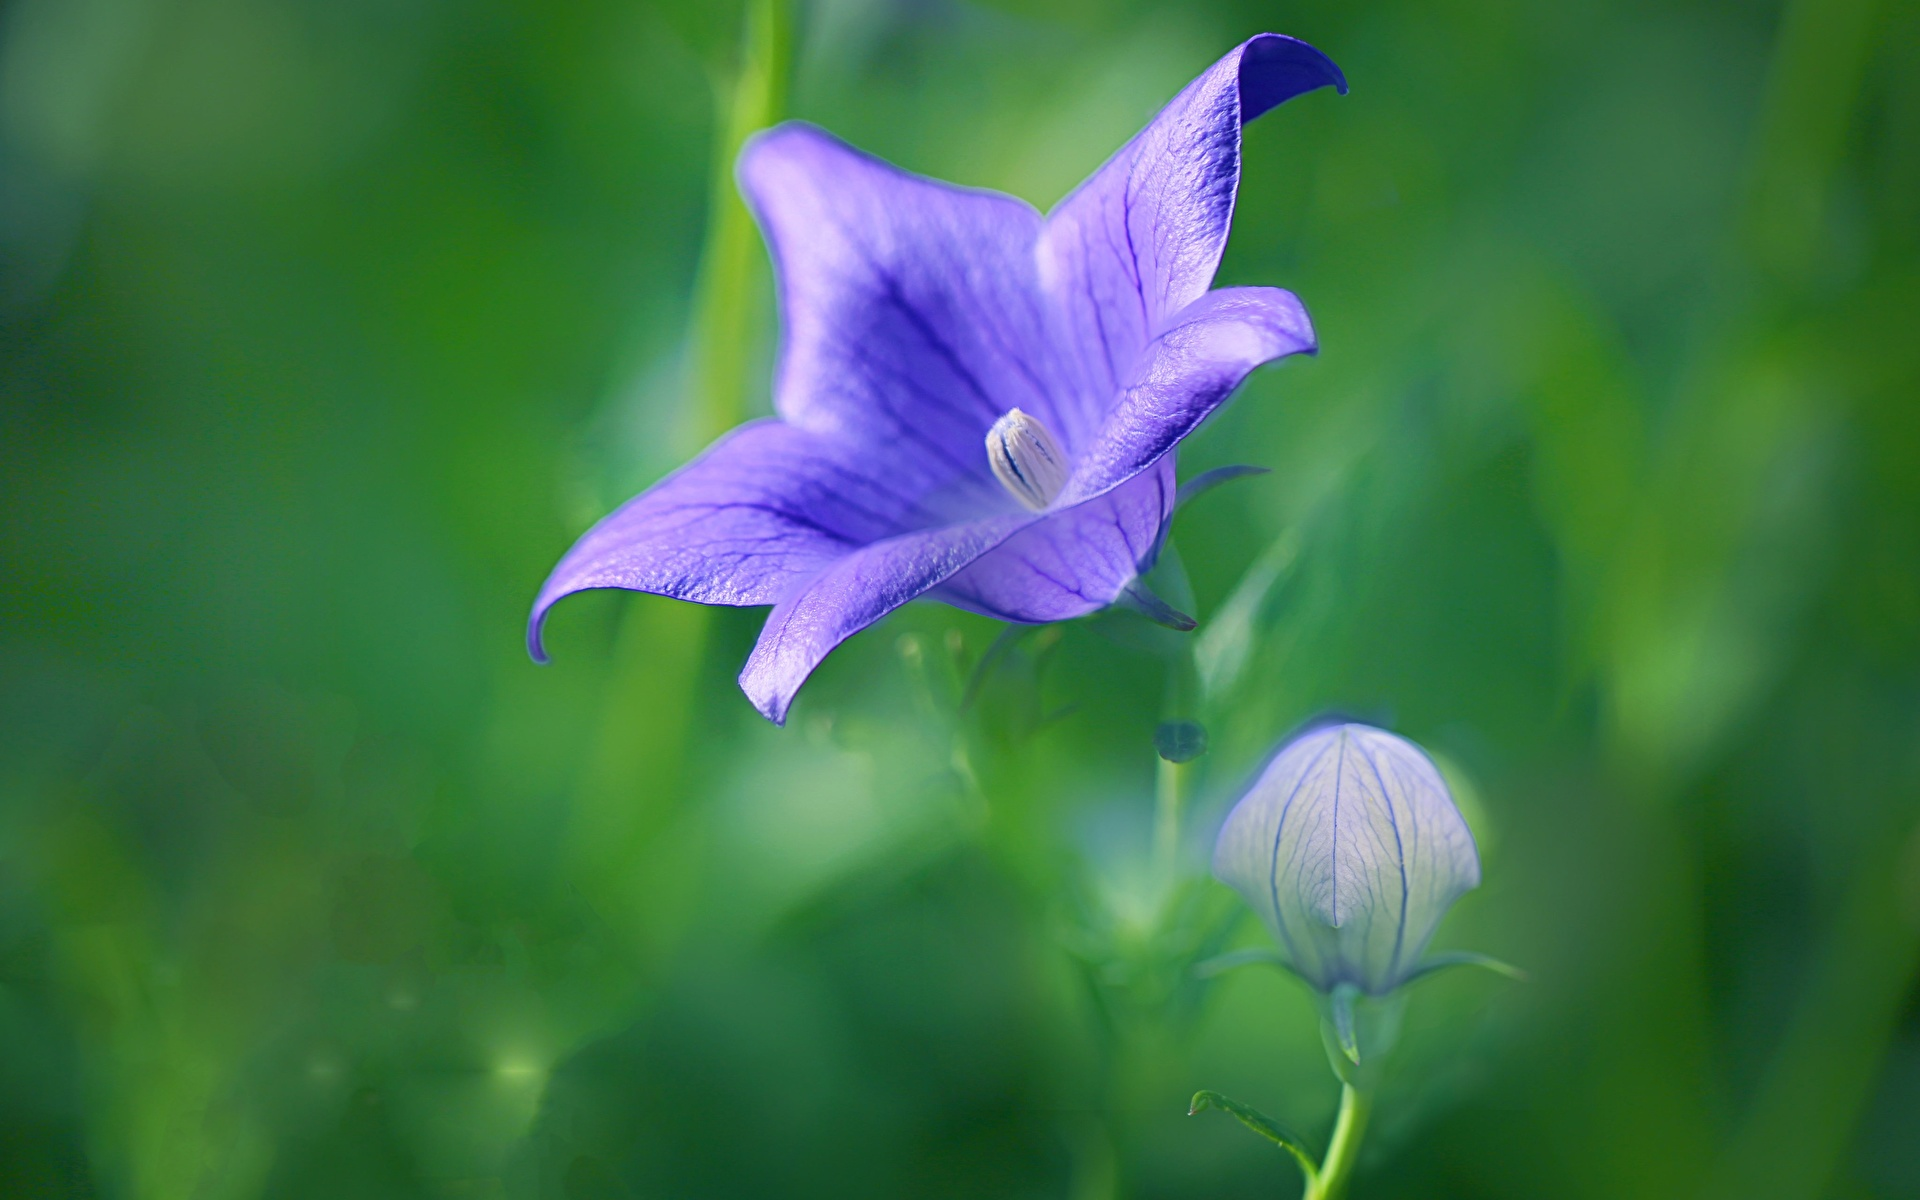 Фото боке фиолетовых цветок колокольчик Бутон Крупным планом 1920x1200 Размытый фон фиолетовая фиолетовые Фиолетовый Цветы Колокольчики вблизи